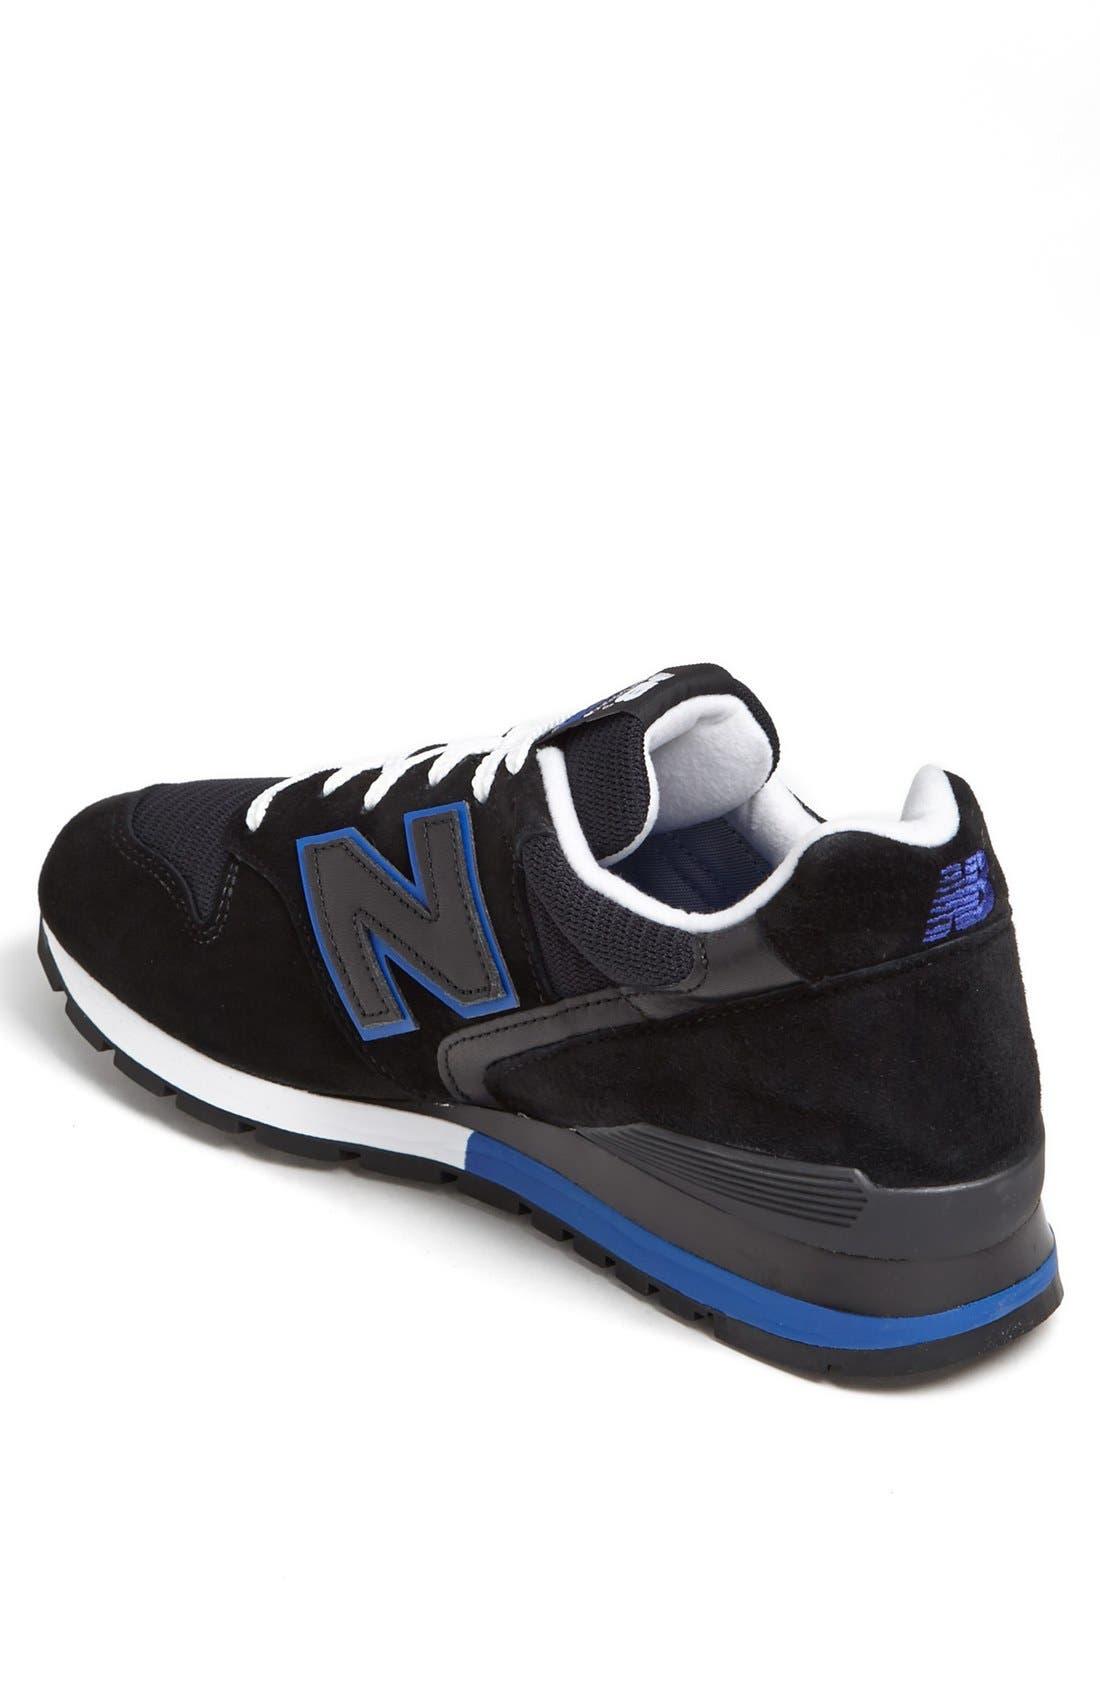 '996' Sneaker,                             Alternate thumbnail 3, color,                             001